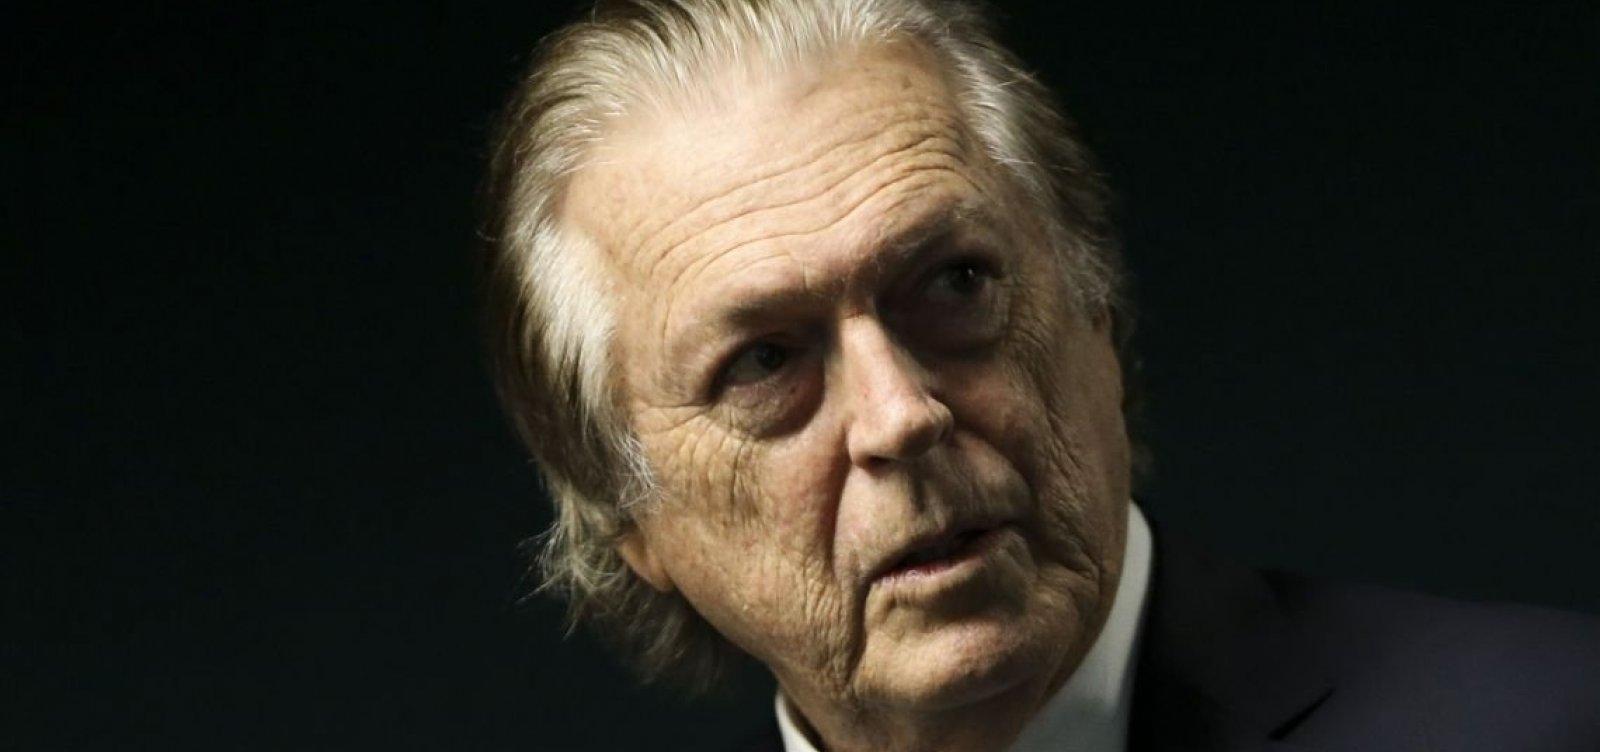 [Bivar diz que Bolsonaro 'já está afastado' do PSL]